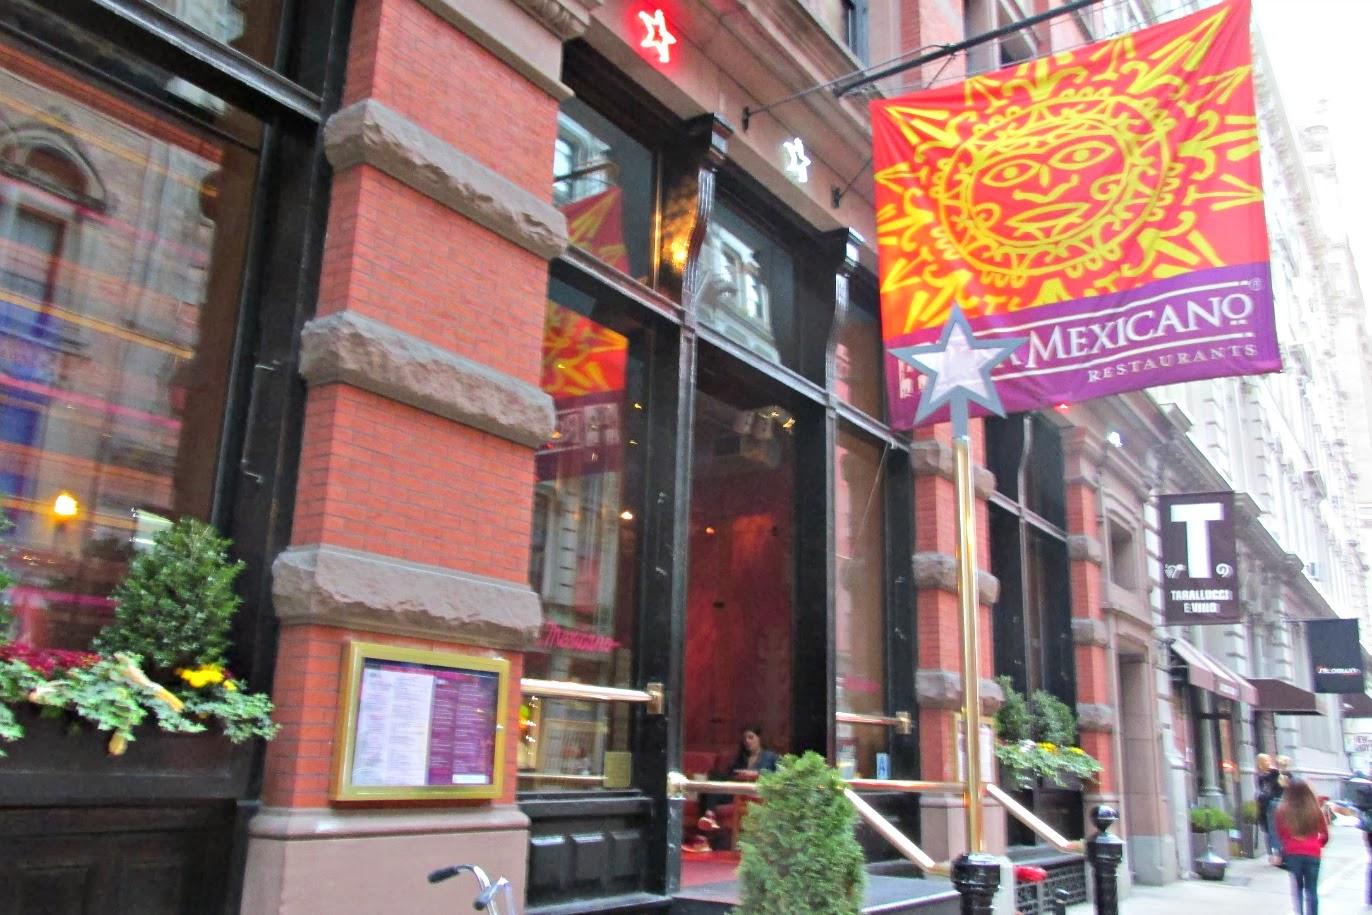 Rosa Mexicano  8 E 18th St New York, NY 10003